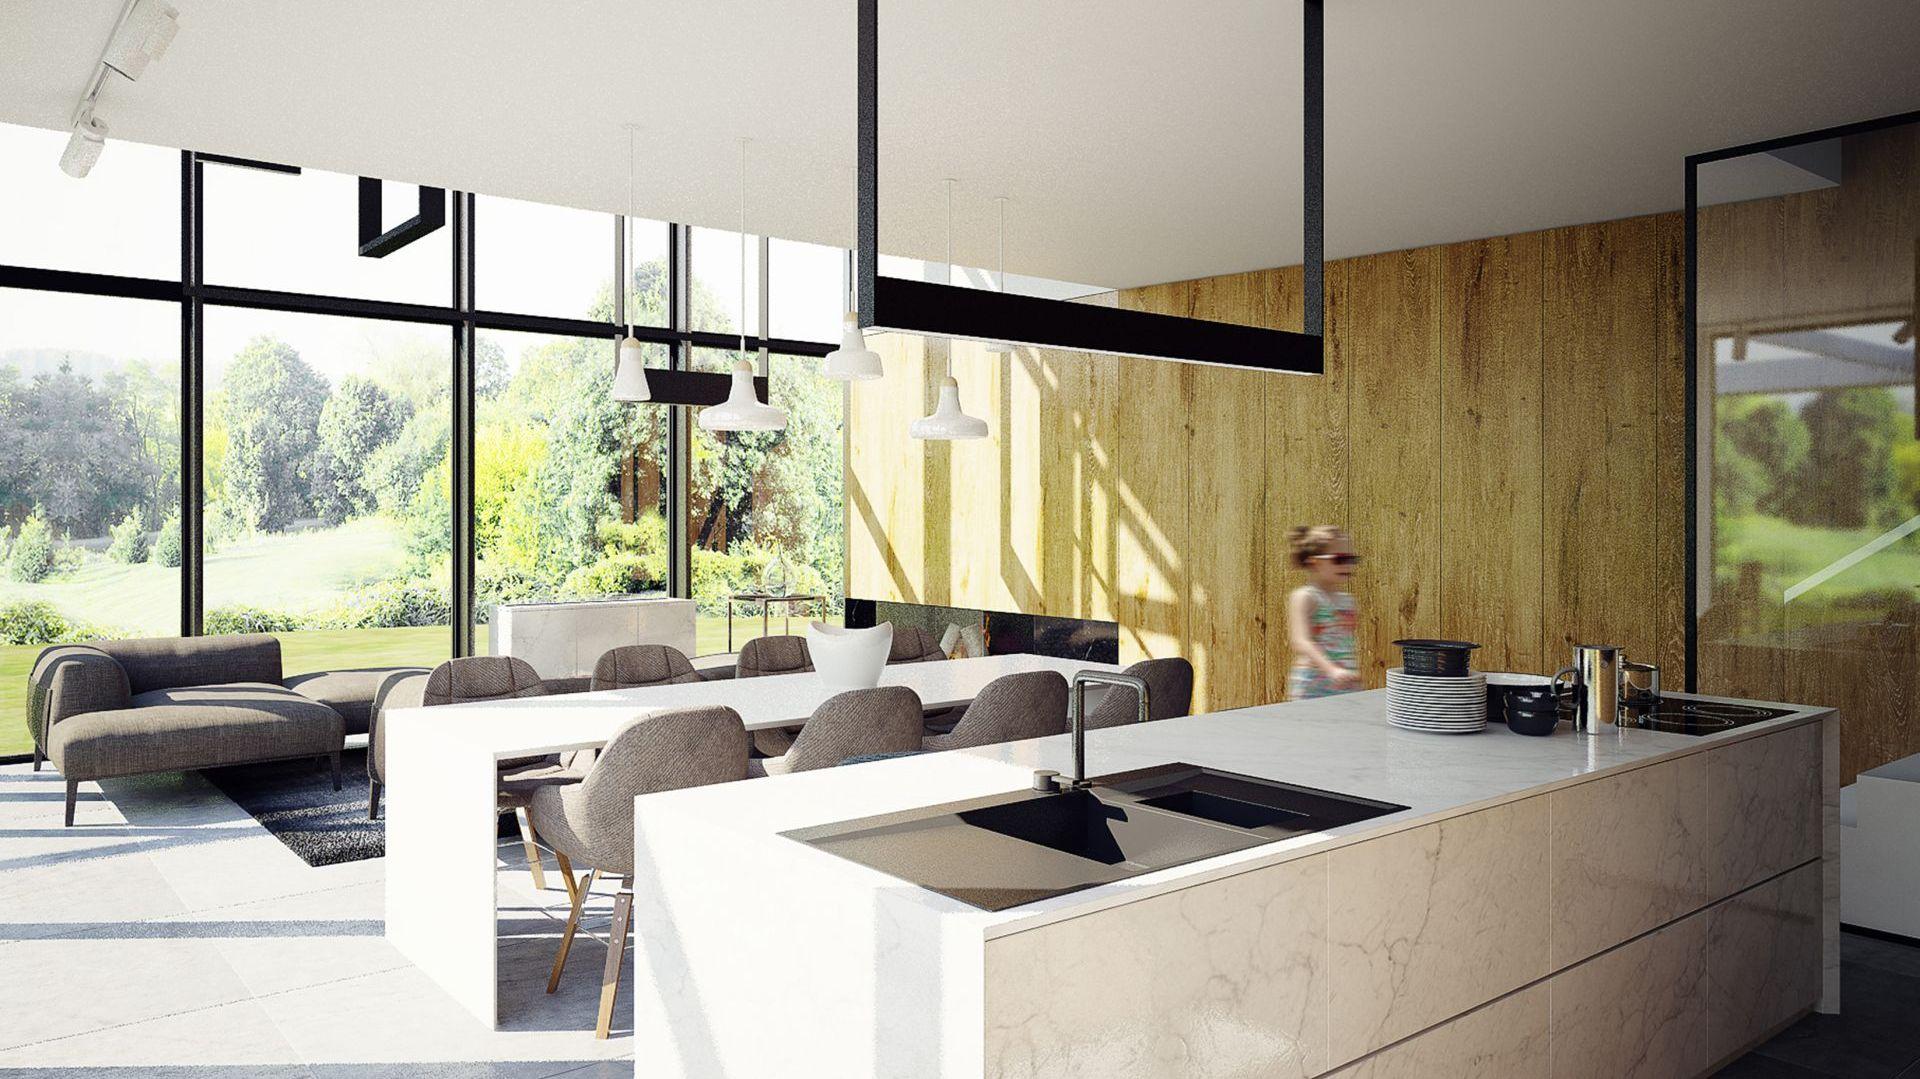 Minimalistyczna aranżacja podkreśla urodę natury na zewnątrz. Projekt wnętrza: Adam Zwierzyński i Anna Porębska z pracowni MUS Architects